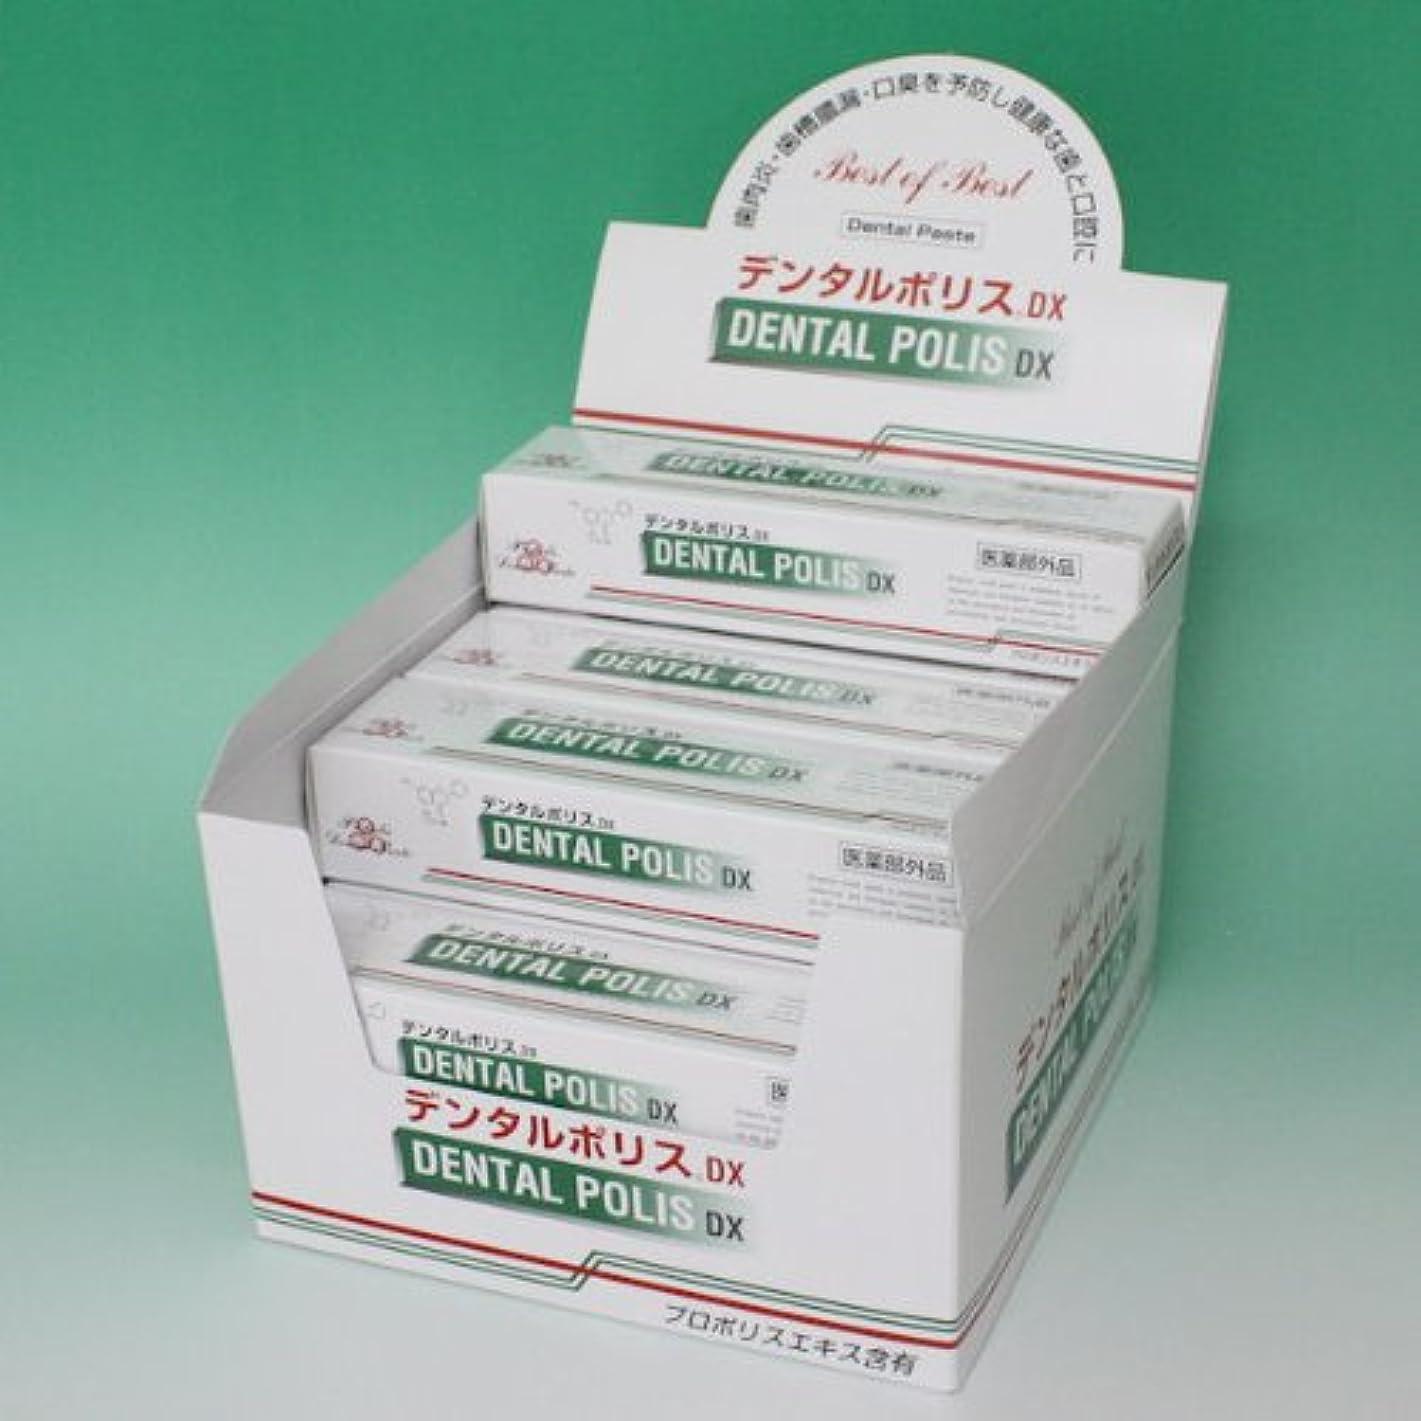 姿を消す南支払いデンタルポリスDX 80g  12本セット 医薬部外品  歯みがき 8gサンプル2本 進呈!